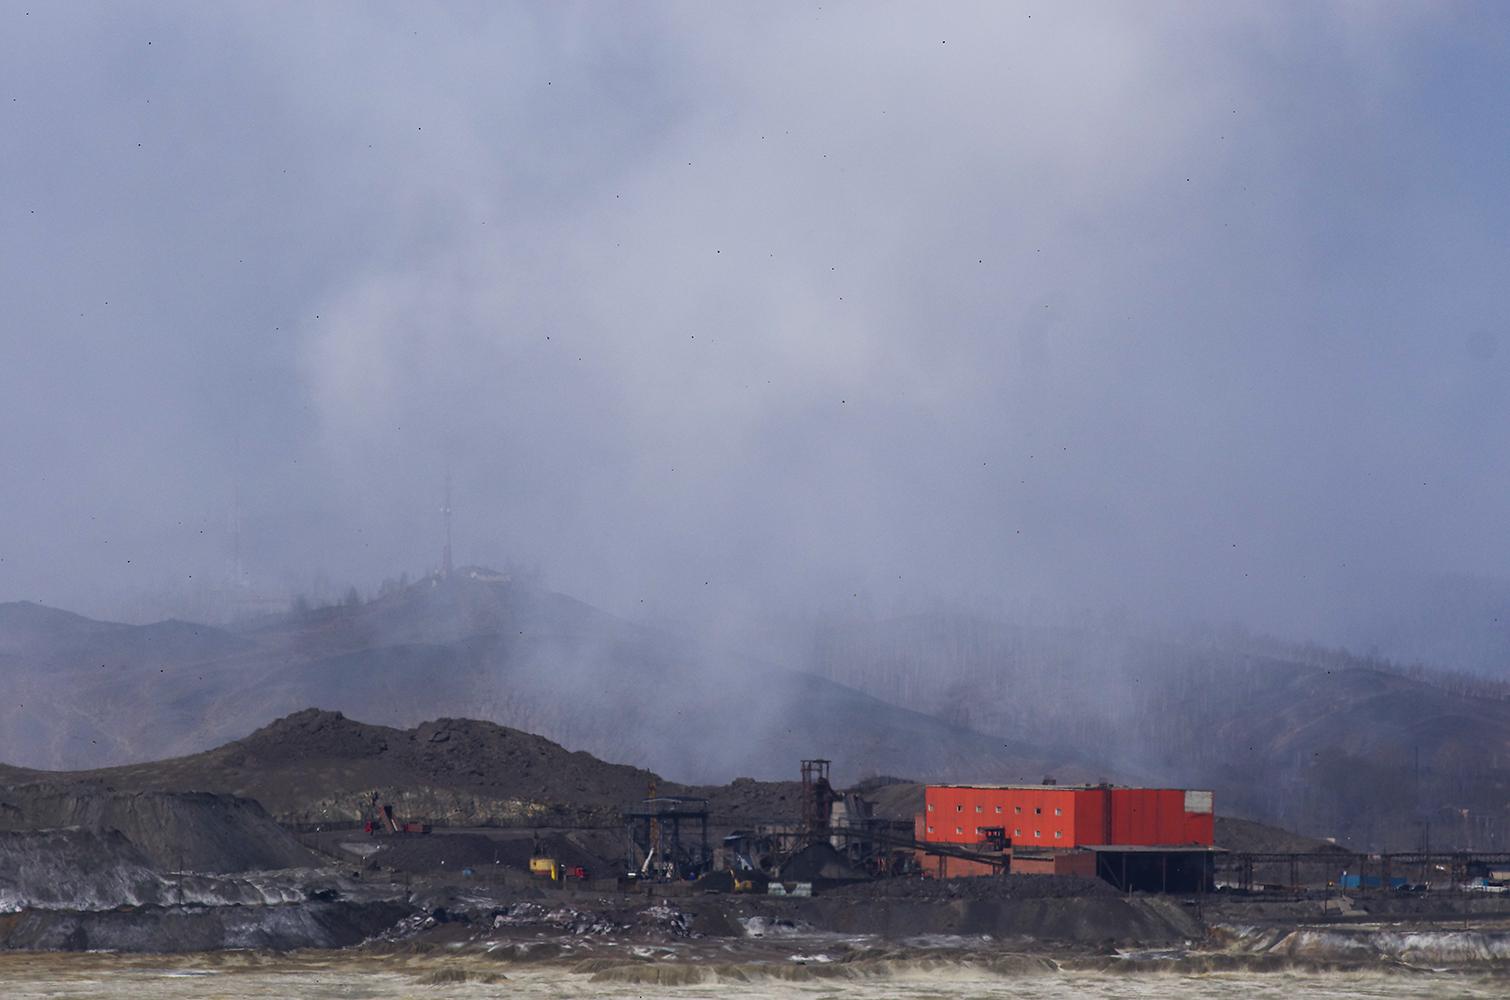 鉱石に含まれる銅は1%以下。銅1トンを採取するために、100トンの岩を加工しなければならない。銅採取後には、数千トンものスライムが残る。スライムは工場近くに廃棄され、廃石バンクができあがる。